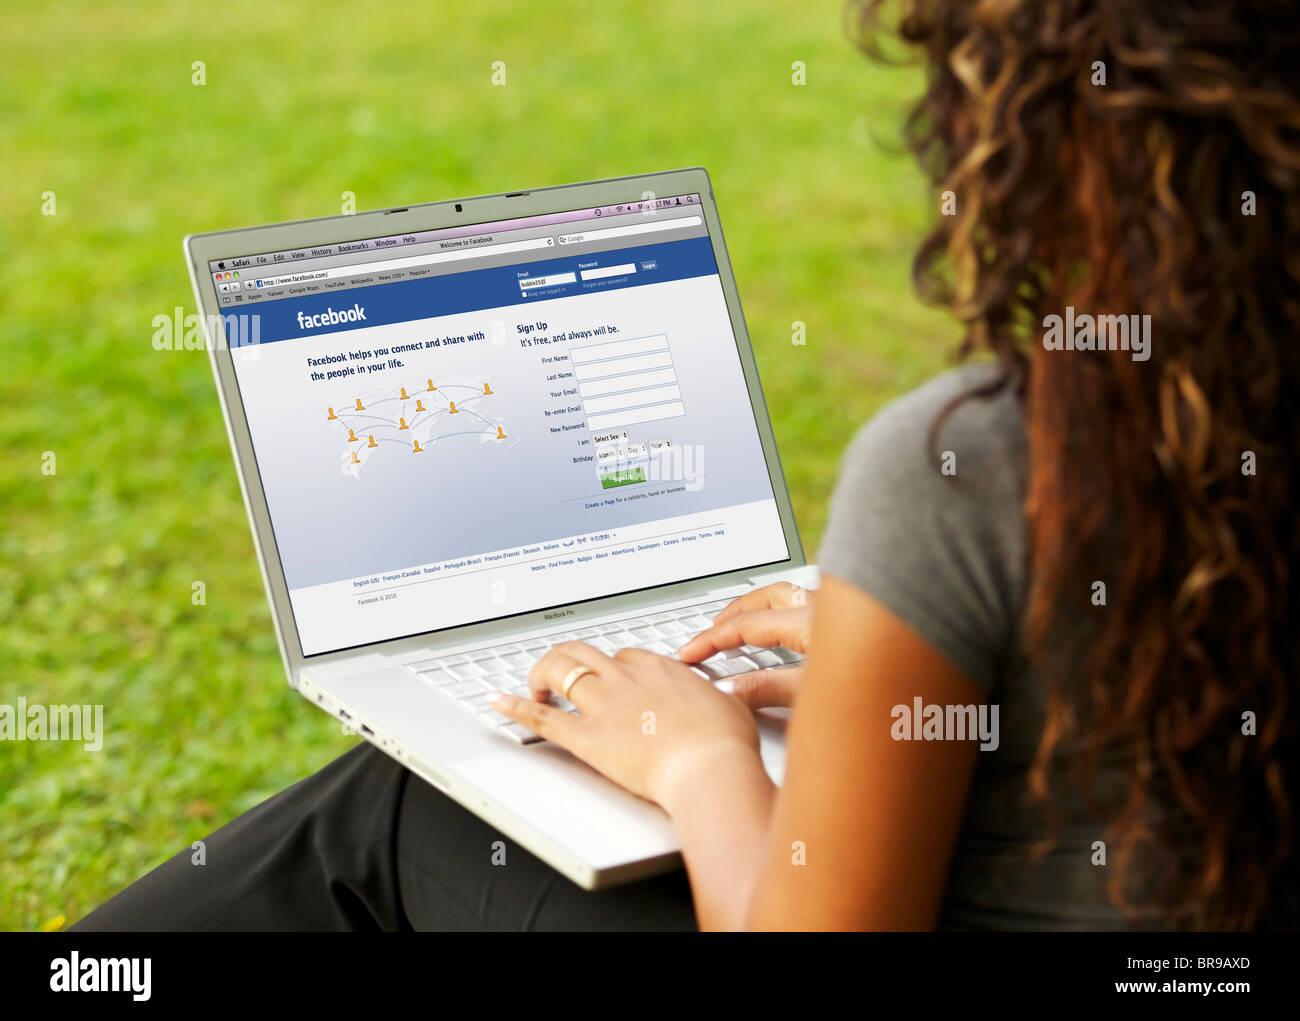 Jeune femme en signature sur sa page Facebook en ligne sur un seul ordinateur portable au parc Photo Stock